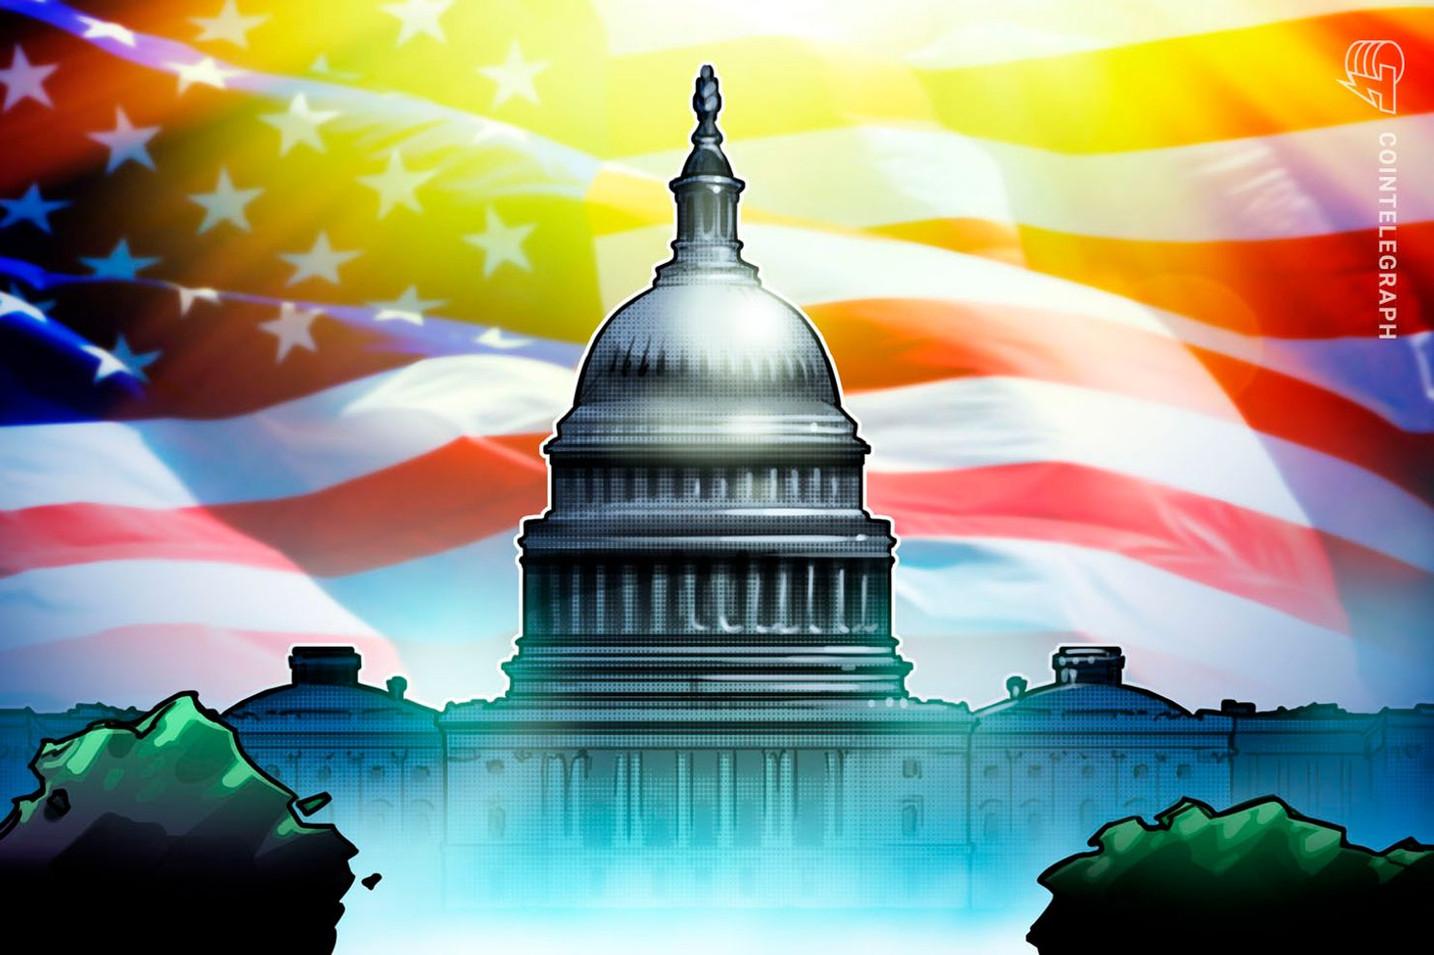 米議員、仮想通貨購入を禁止する法案への協力を呼びかけ。米ドル優位性に対する危機感示す